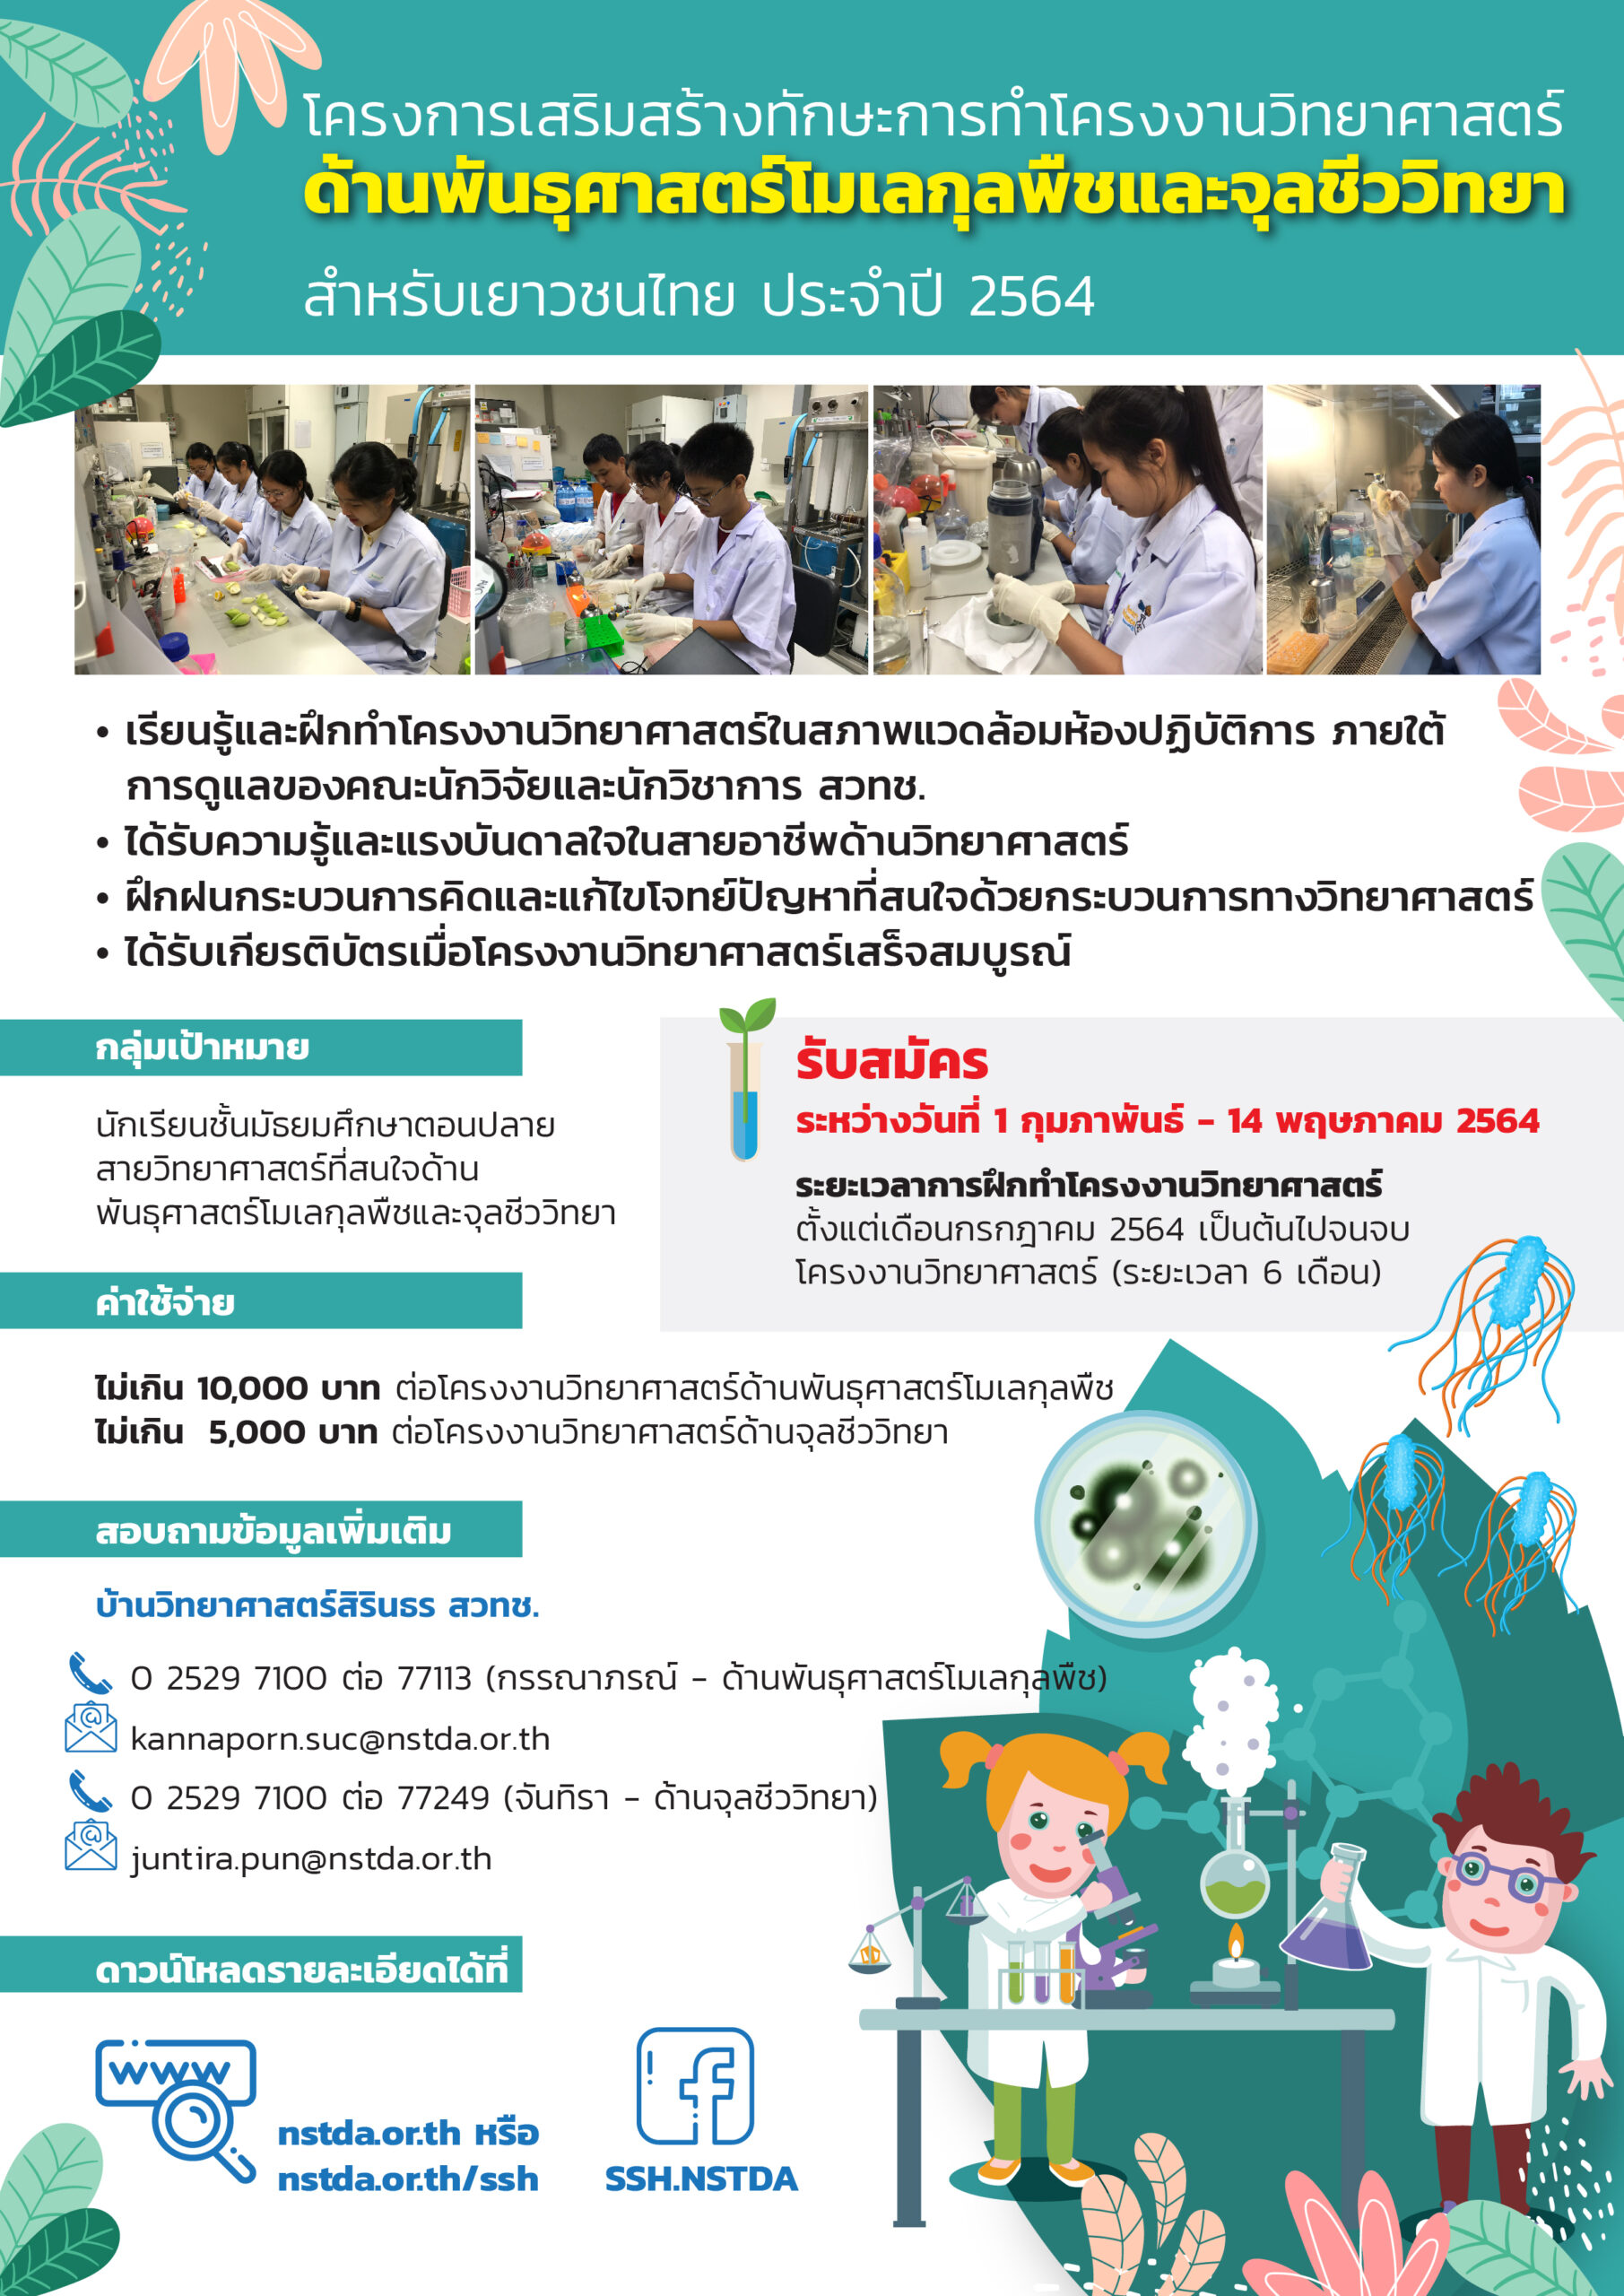 โปสเตอร์ โครงการเสริมสร้างทักษะการทำโครงงานวิทยาศาสตร์ด้านพันธุศาสตร์โมเลกุลพืชและจุลชีววิทยาสำหรับเยาวชนไทย ประจำปี 2564